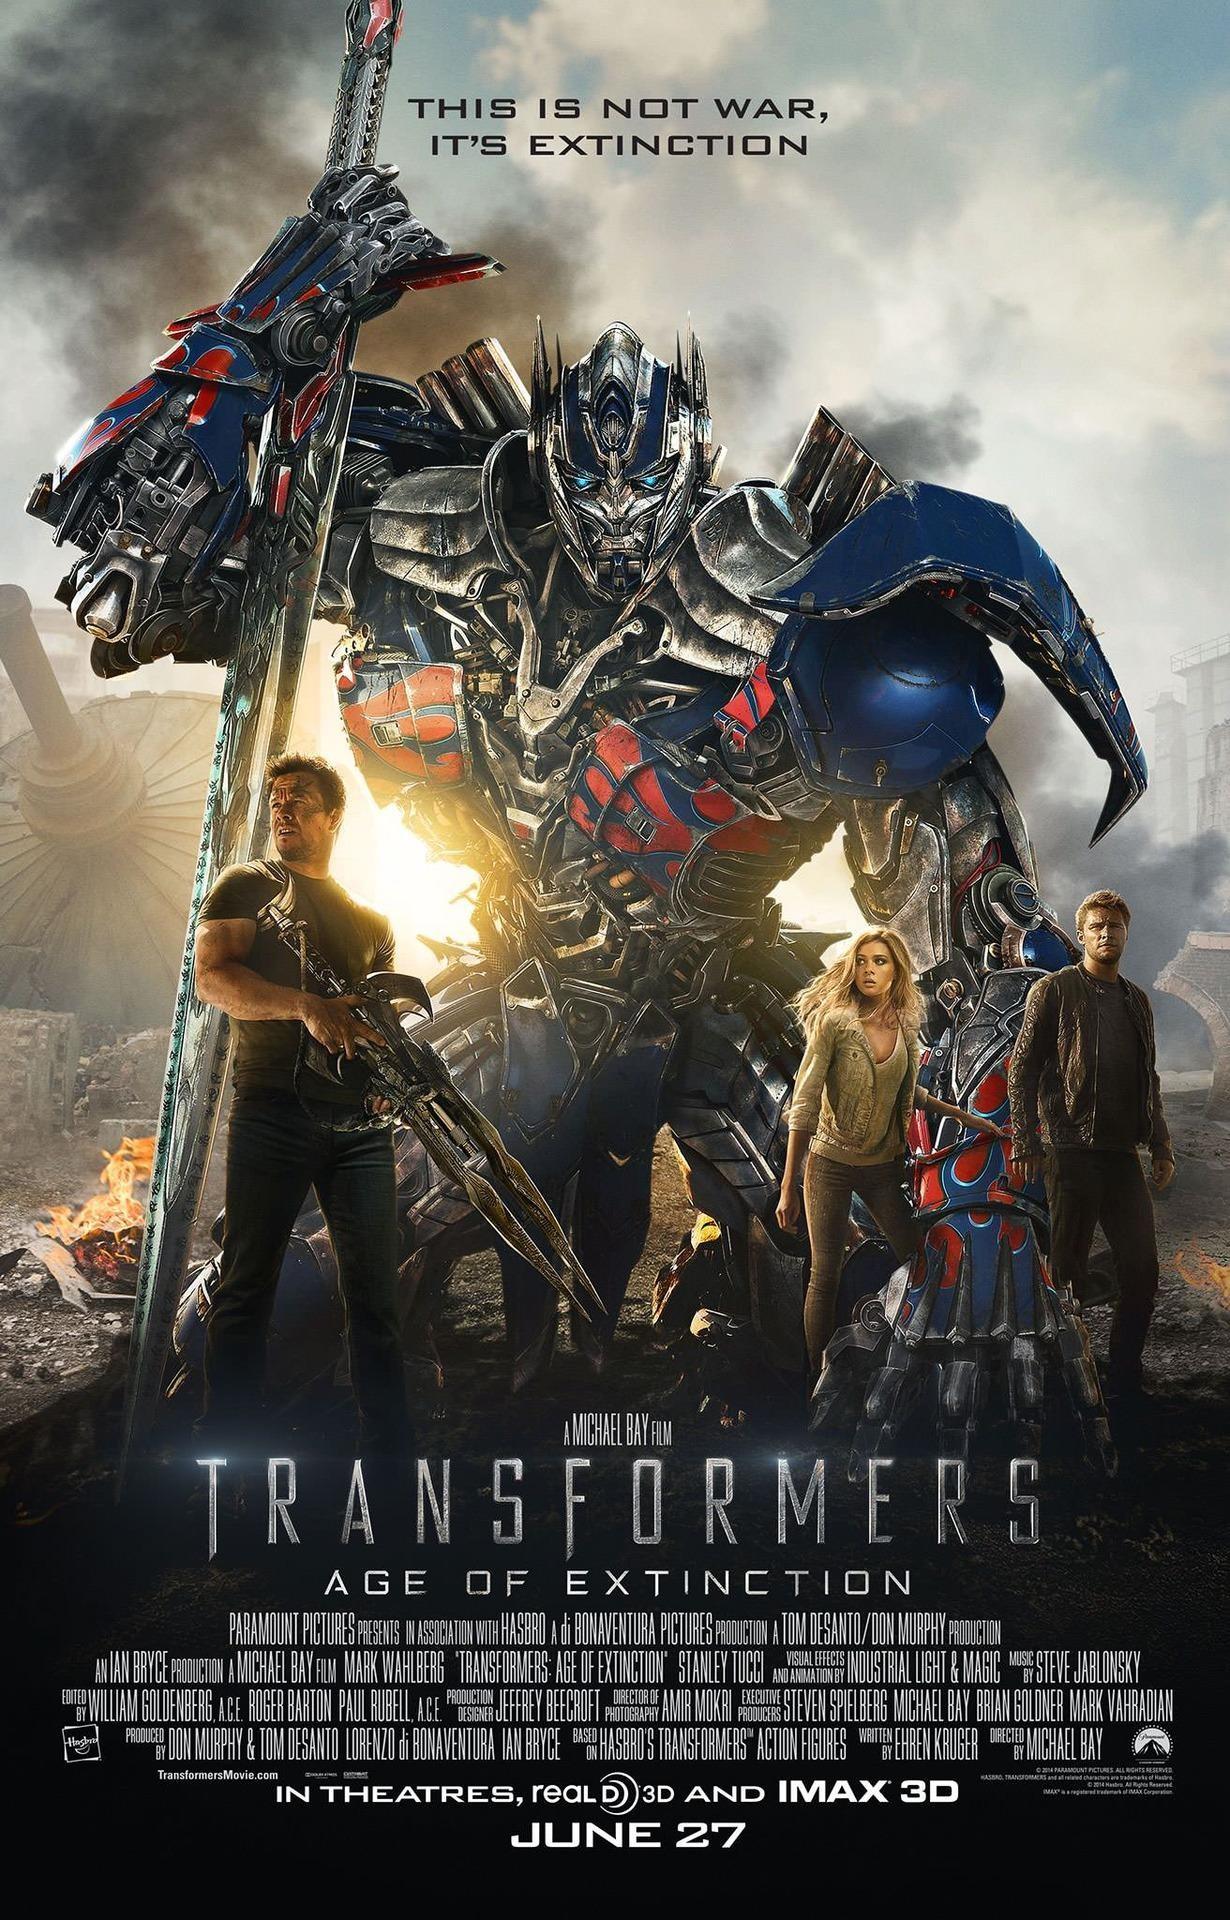 transformers-era-extincion-poster